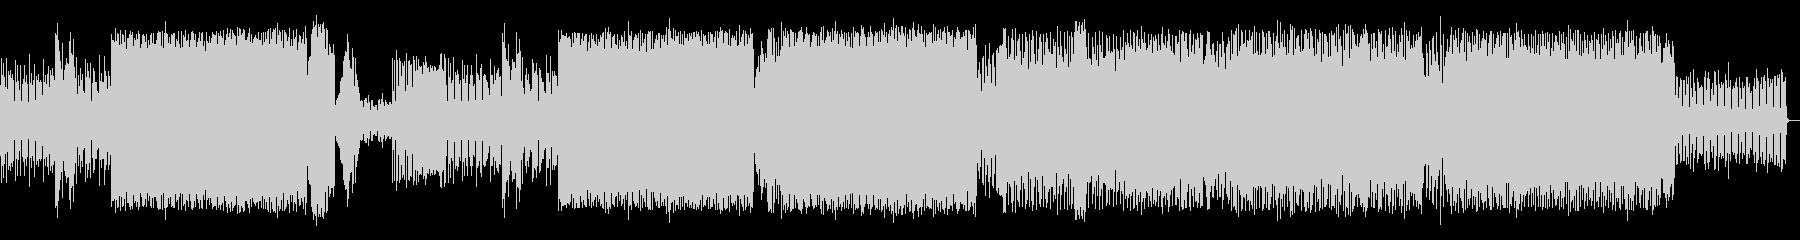 複雑にシンセの音が絡み合ったEDMの未再生の波形